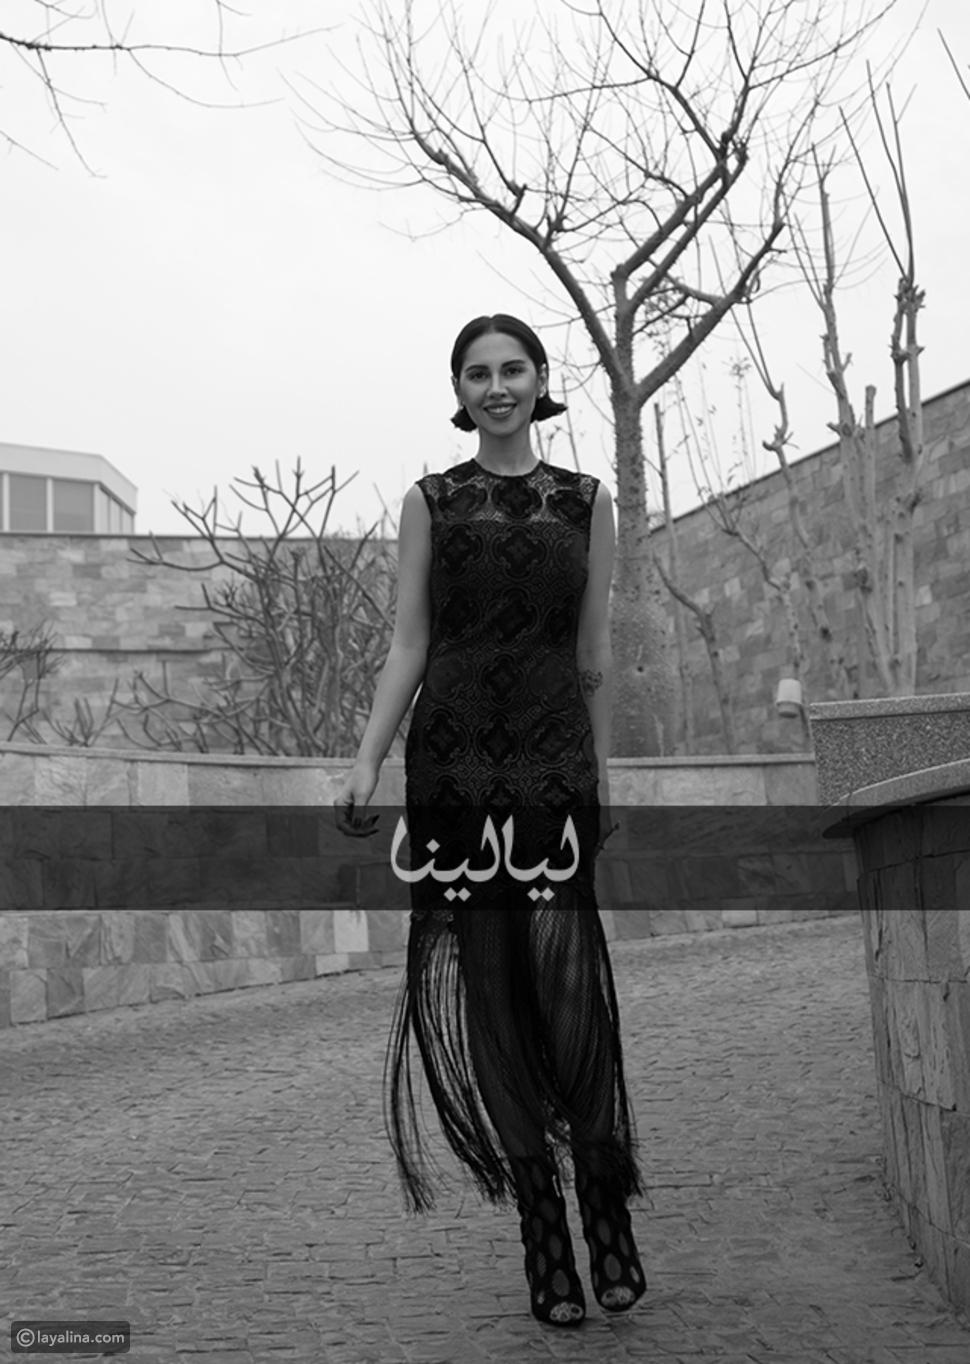 ياسمين رئيس في جلسة تصوير ليالينا